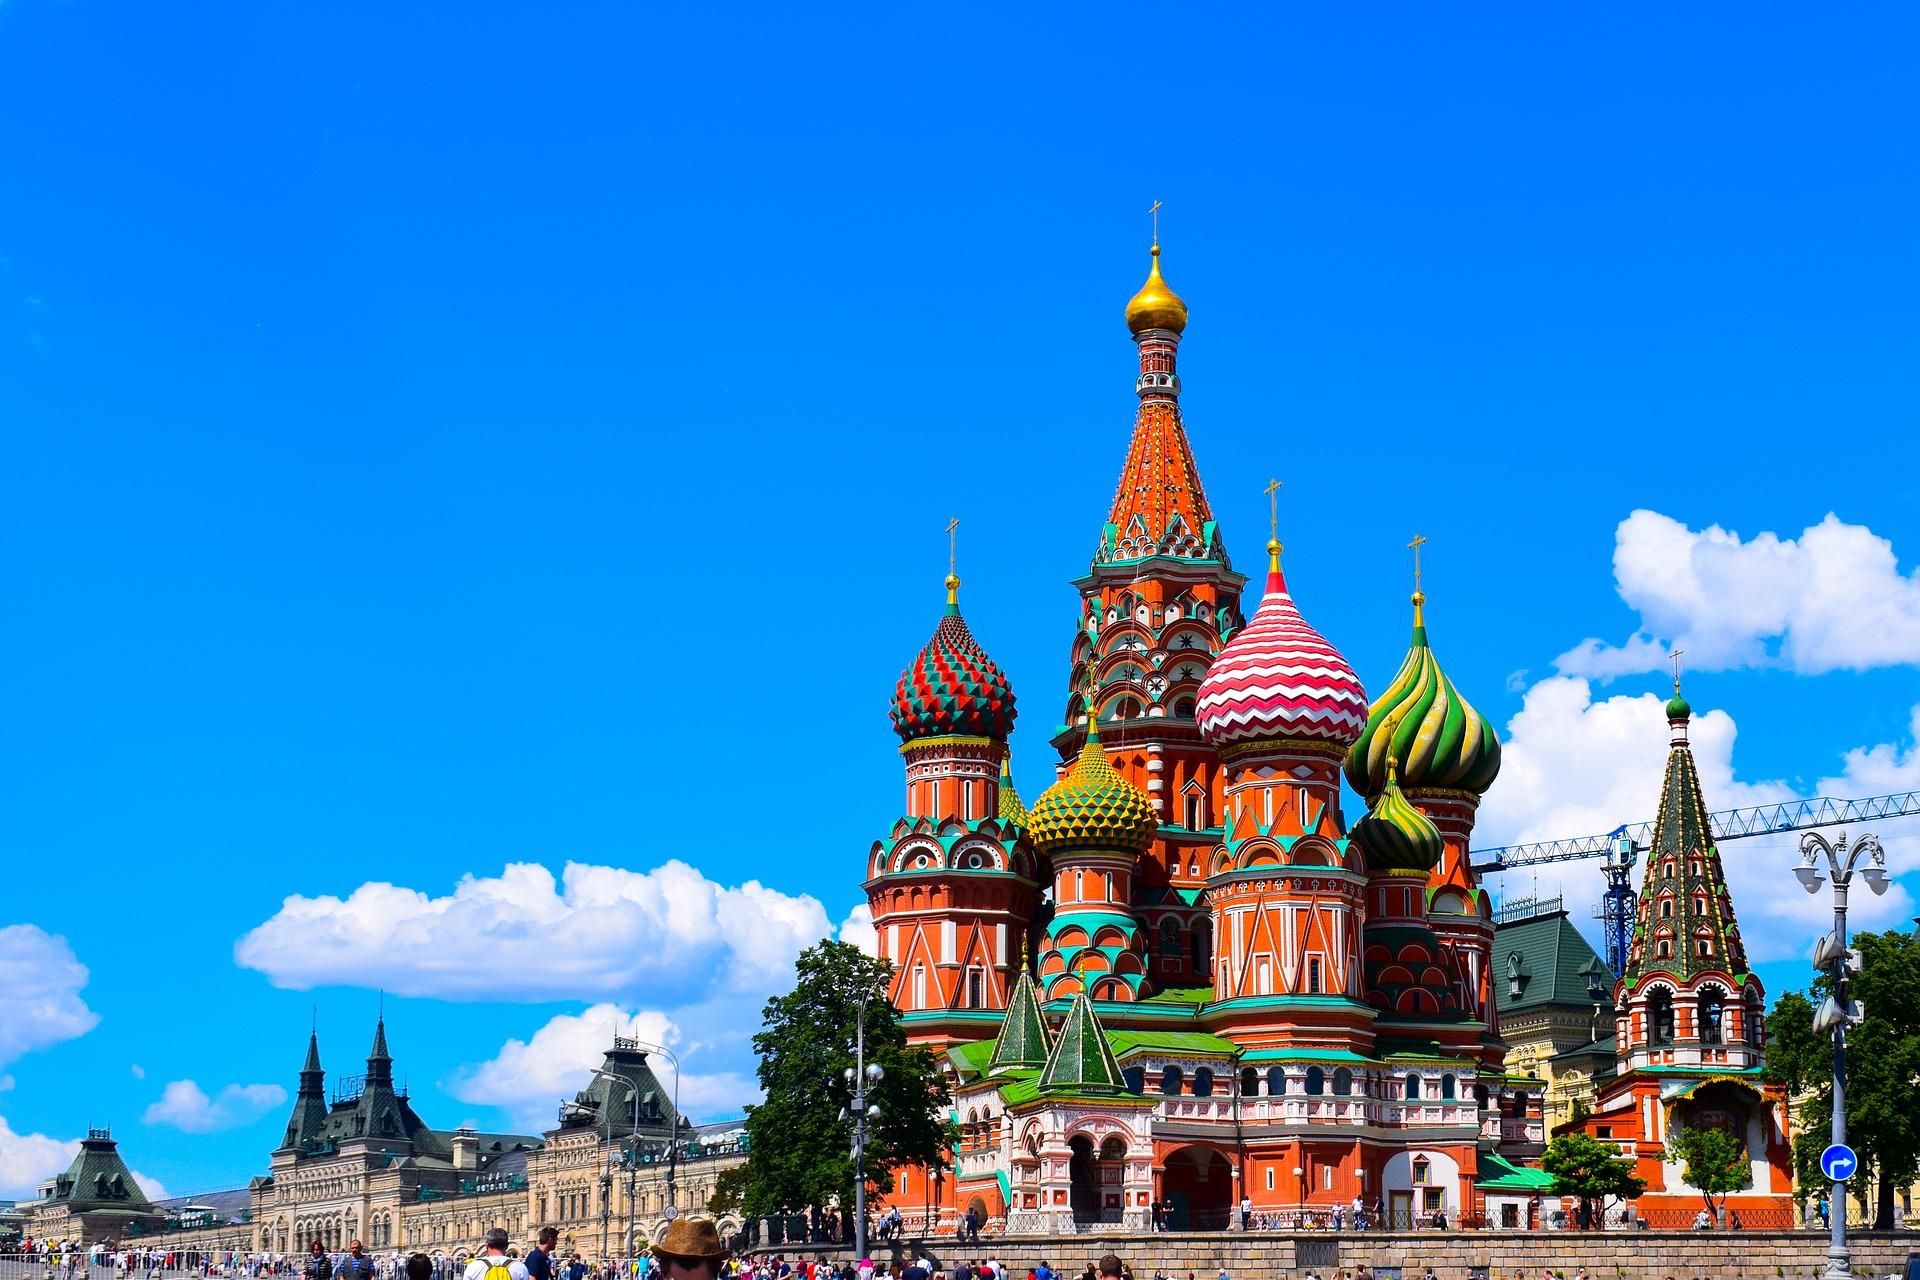 Städtereise nach Moskau Sehenswürdigkeiten